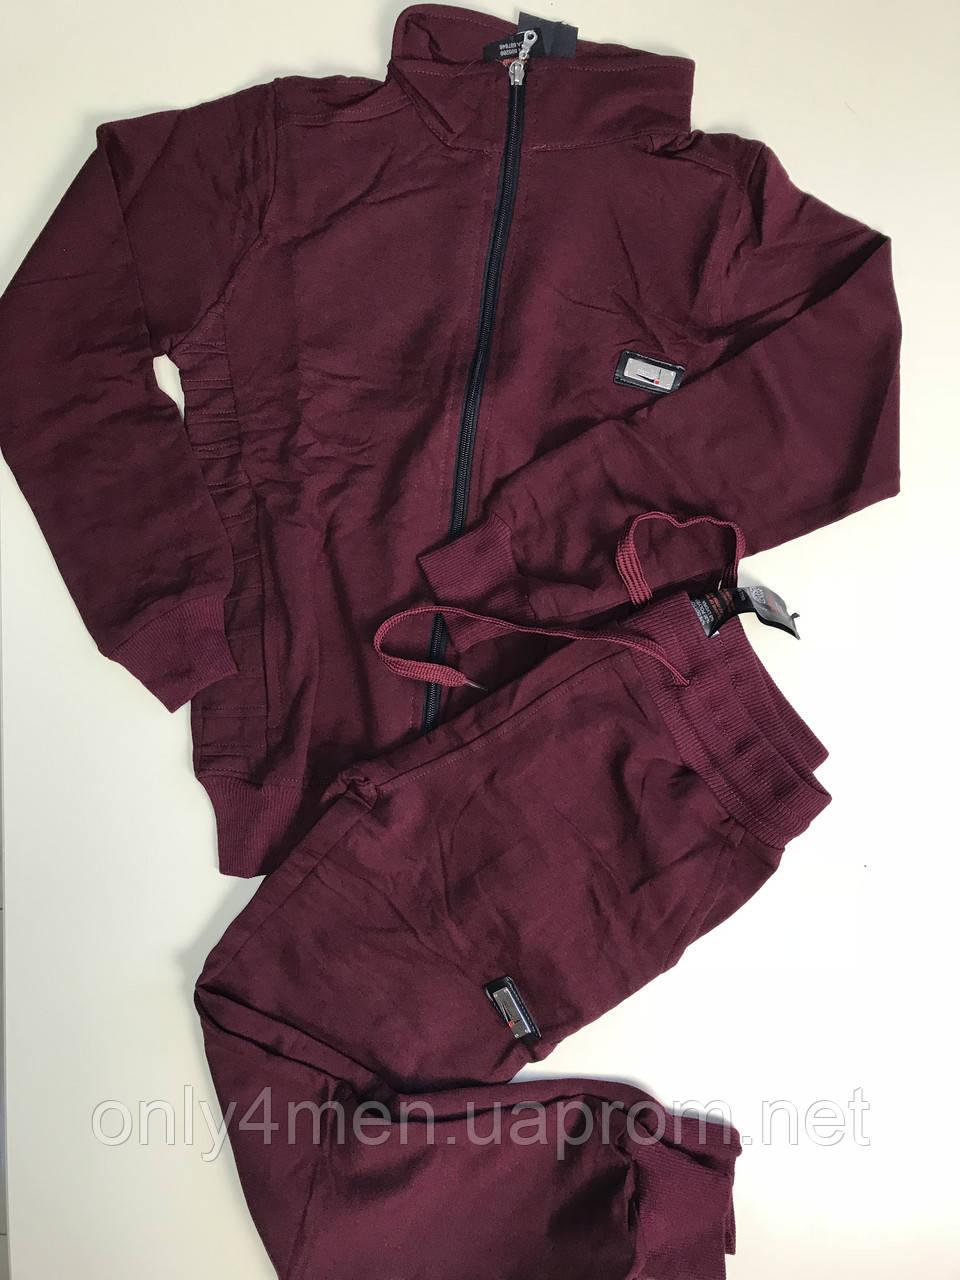 Спортивный костюм марсал для мальчика 128-170р